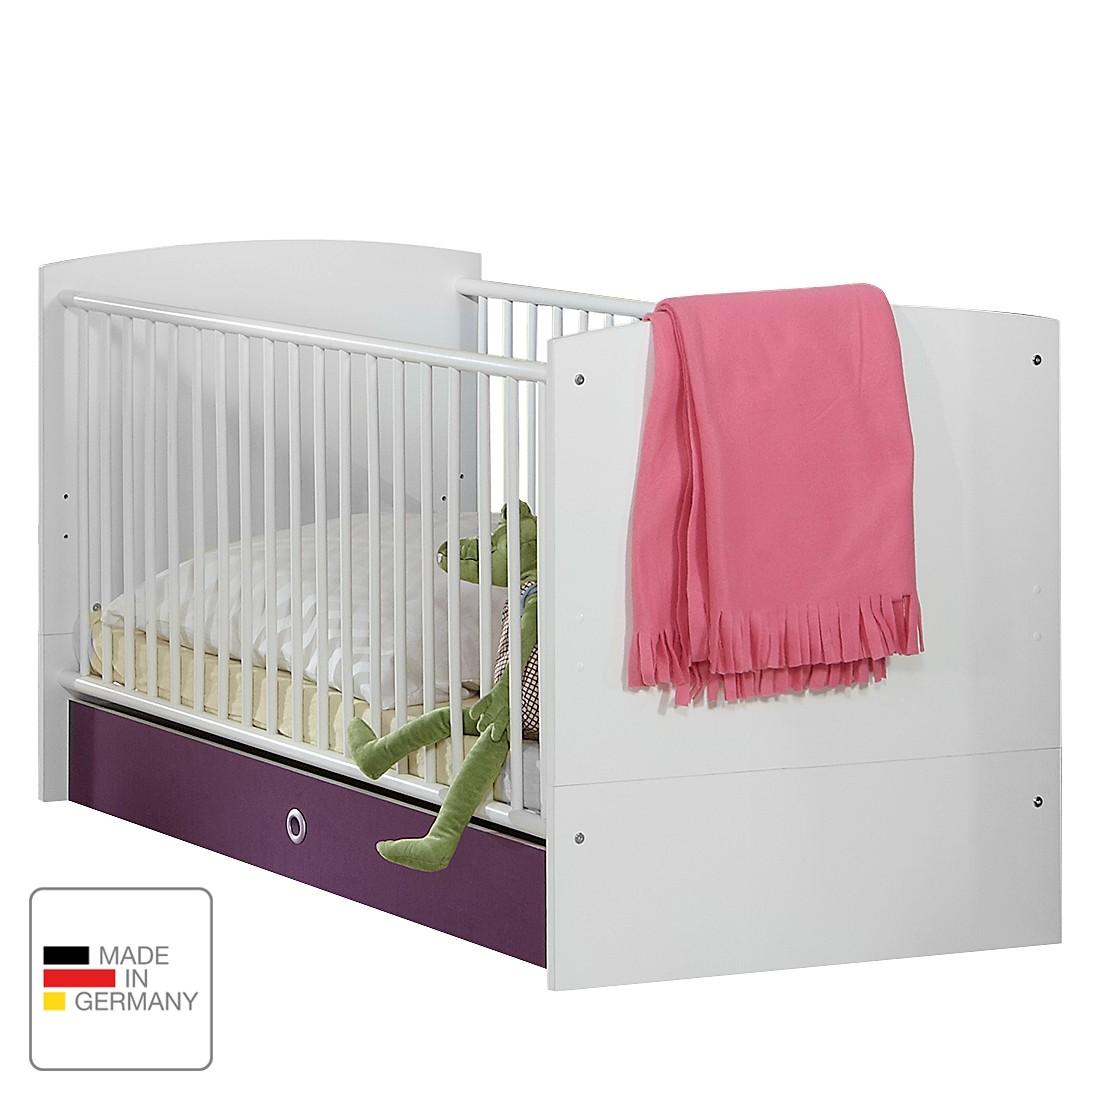 Babybed Gina   alpinewit hoogglans braamkleurig   met lades_ Wimex